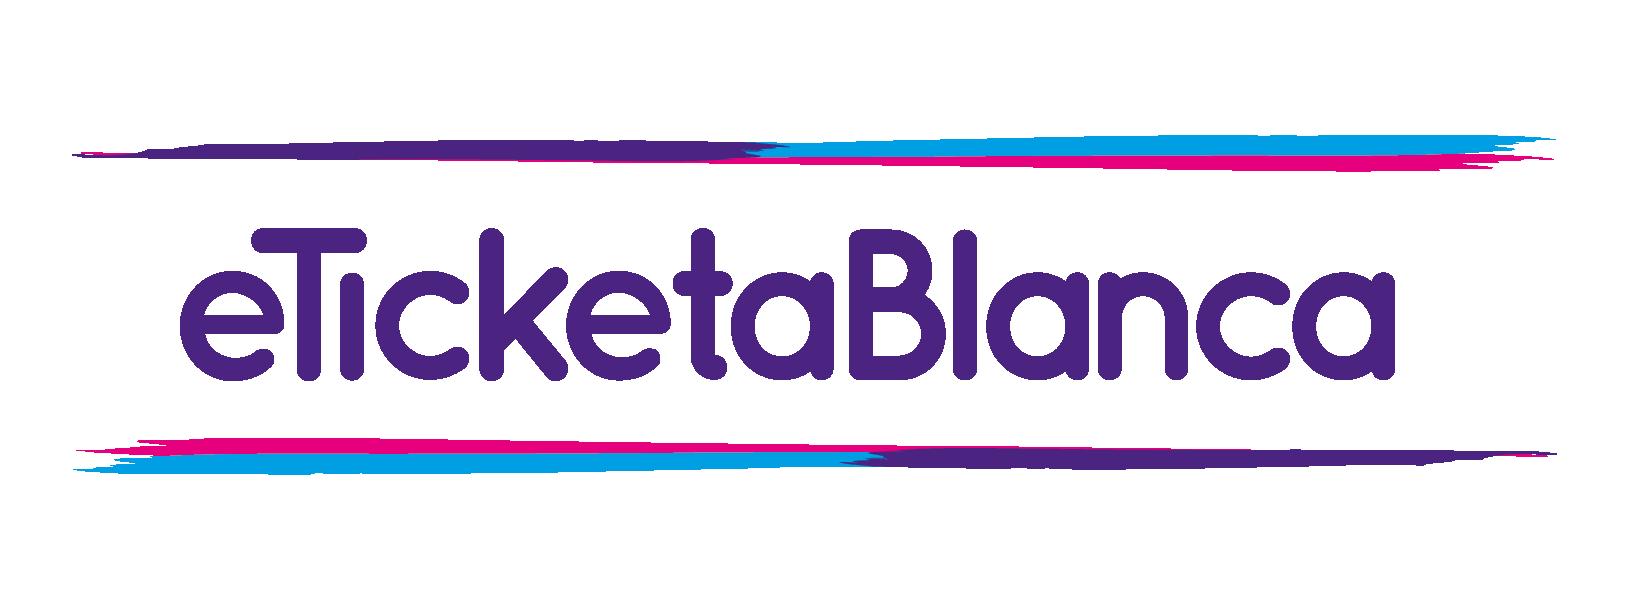 eTicketaBlanca